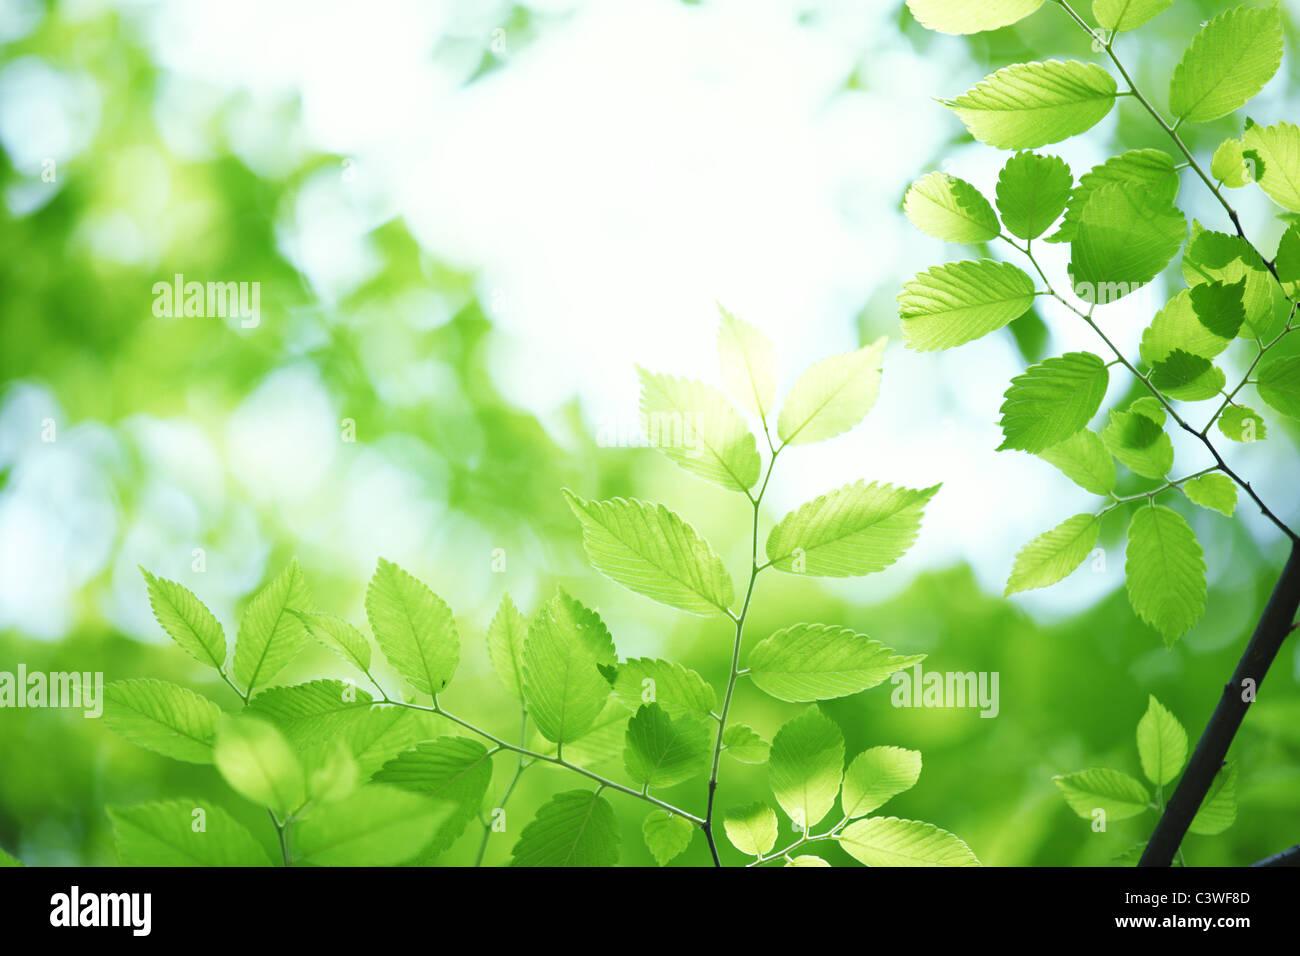 Feuilles vertes contre ciel clair Photo Stock